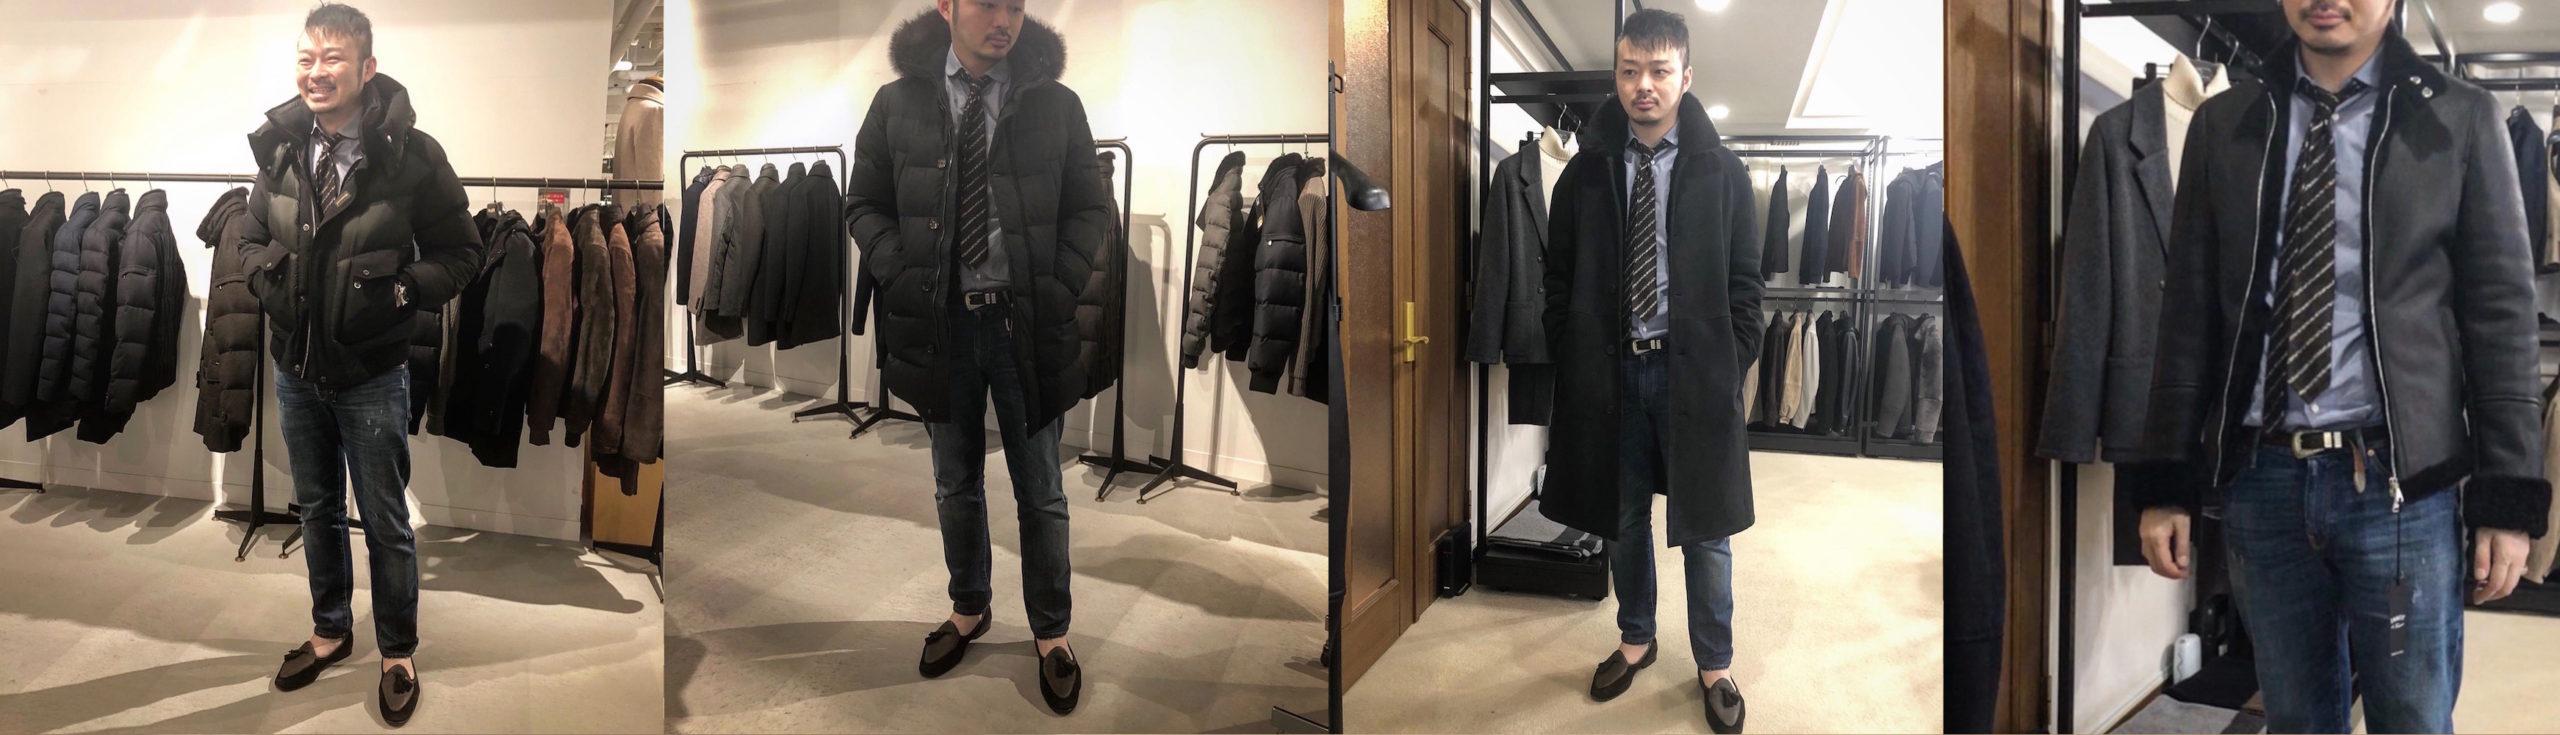 今回はナシよ!?(笑)<br>2020 FALL&WINTER プレコレクション 東京出張報告!!